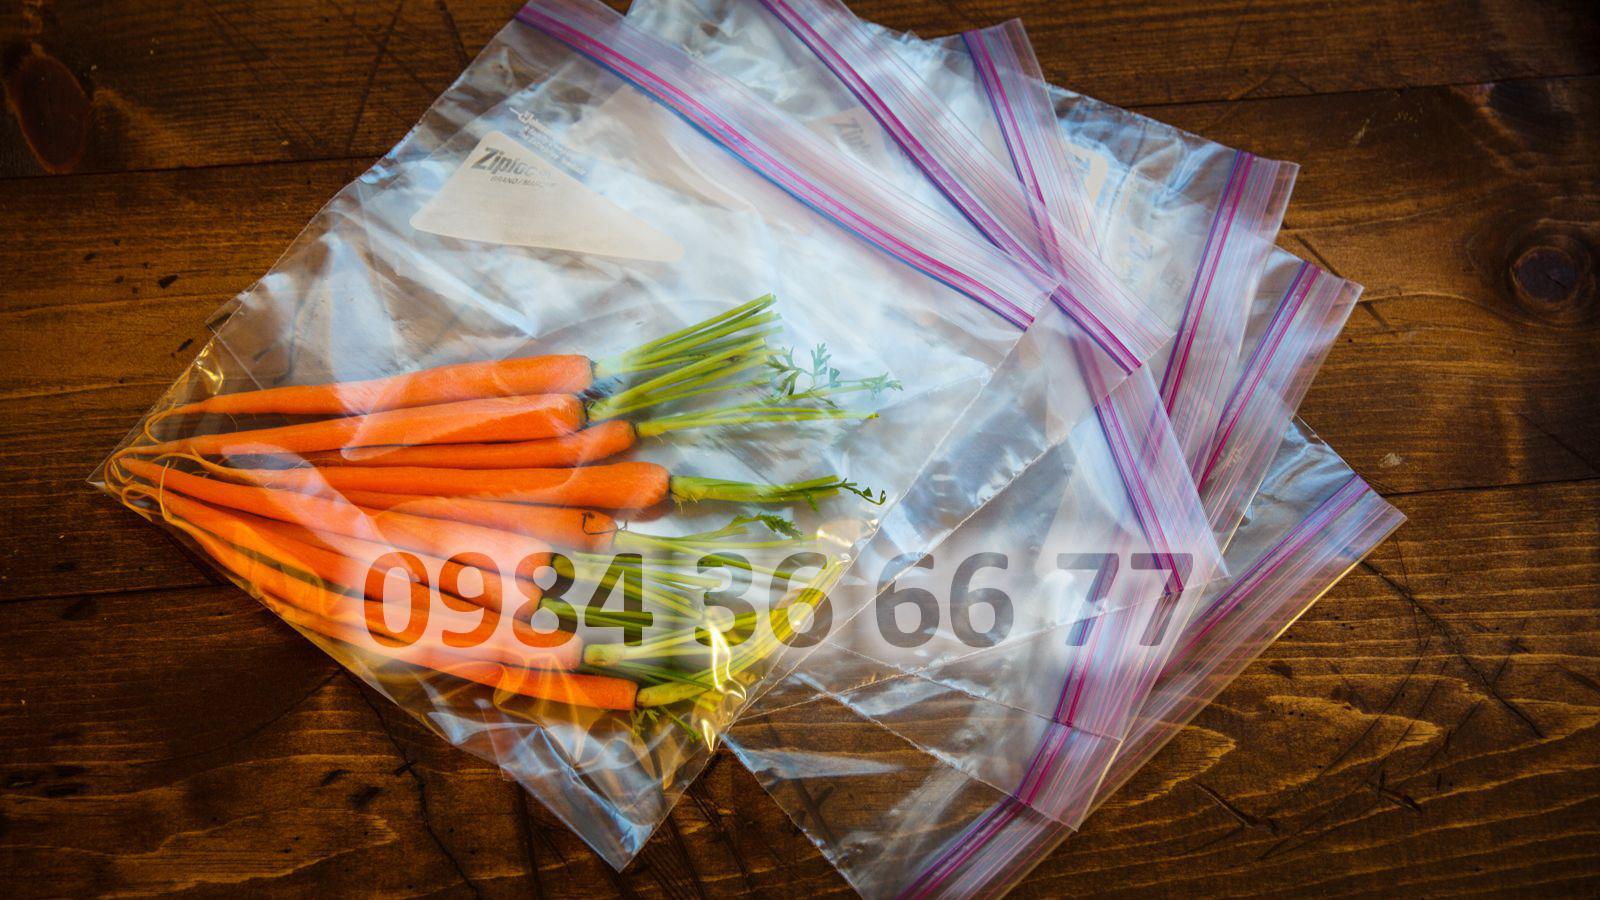 túi nilon đựng thực phẩm - bảo quản thức ăn tươi ngon